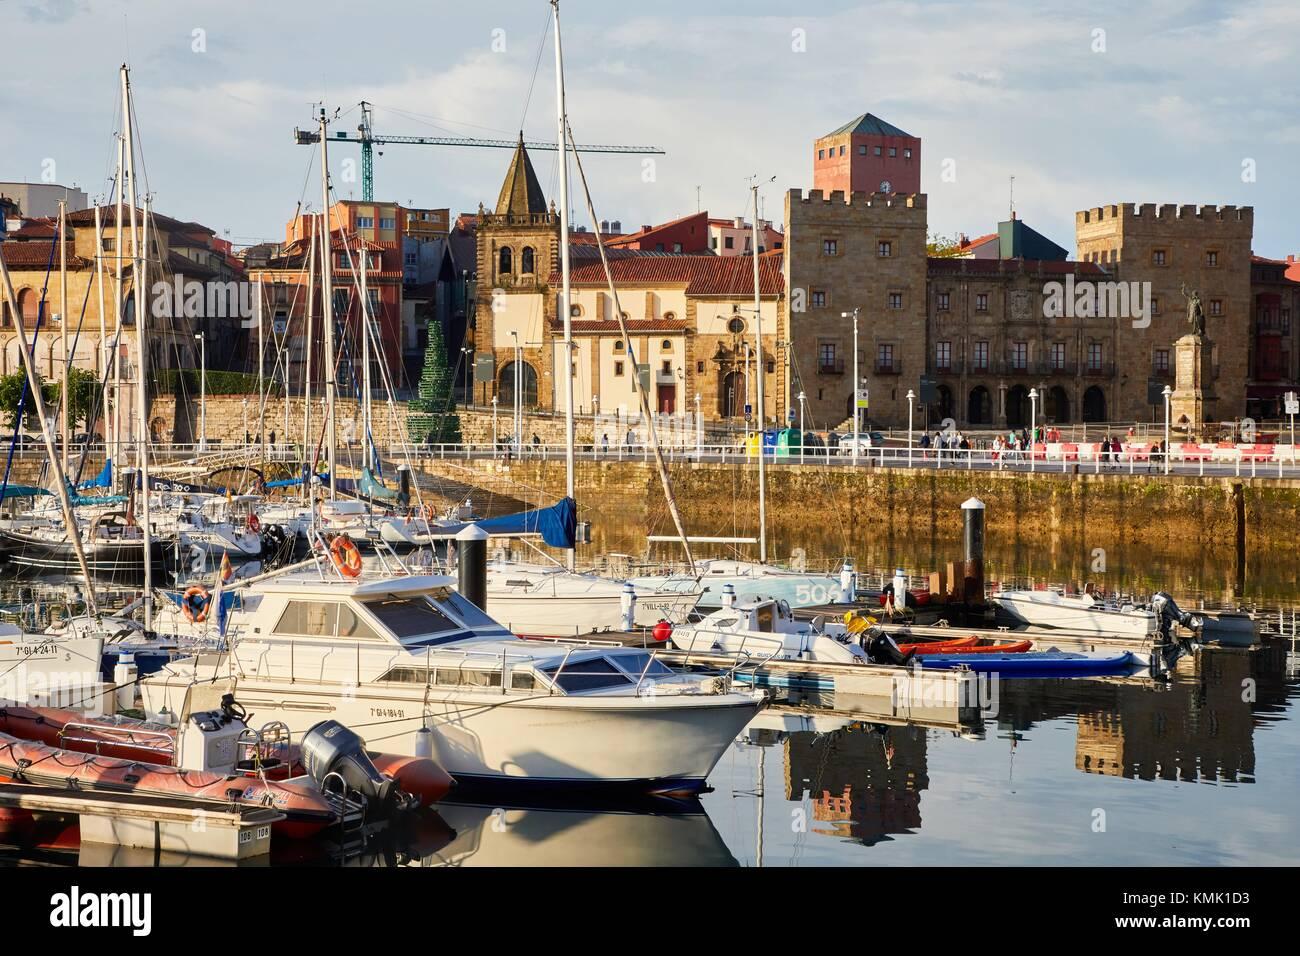 La Colegiata de San Juan Bautista, el Palacio de Revillagigedo, Puerto Marina, Gijón, Asturias, España, Europa Foto de stock